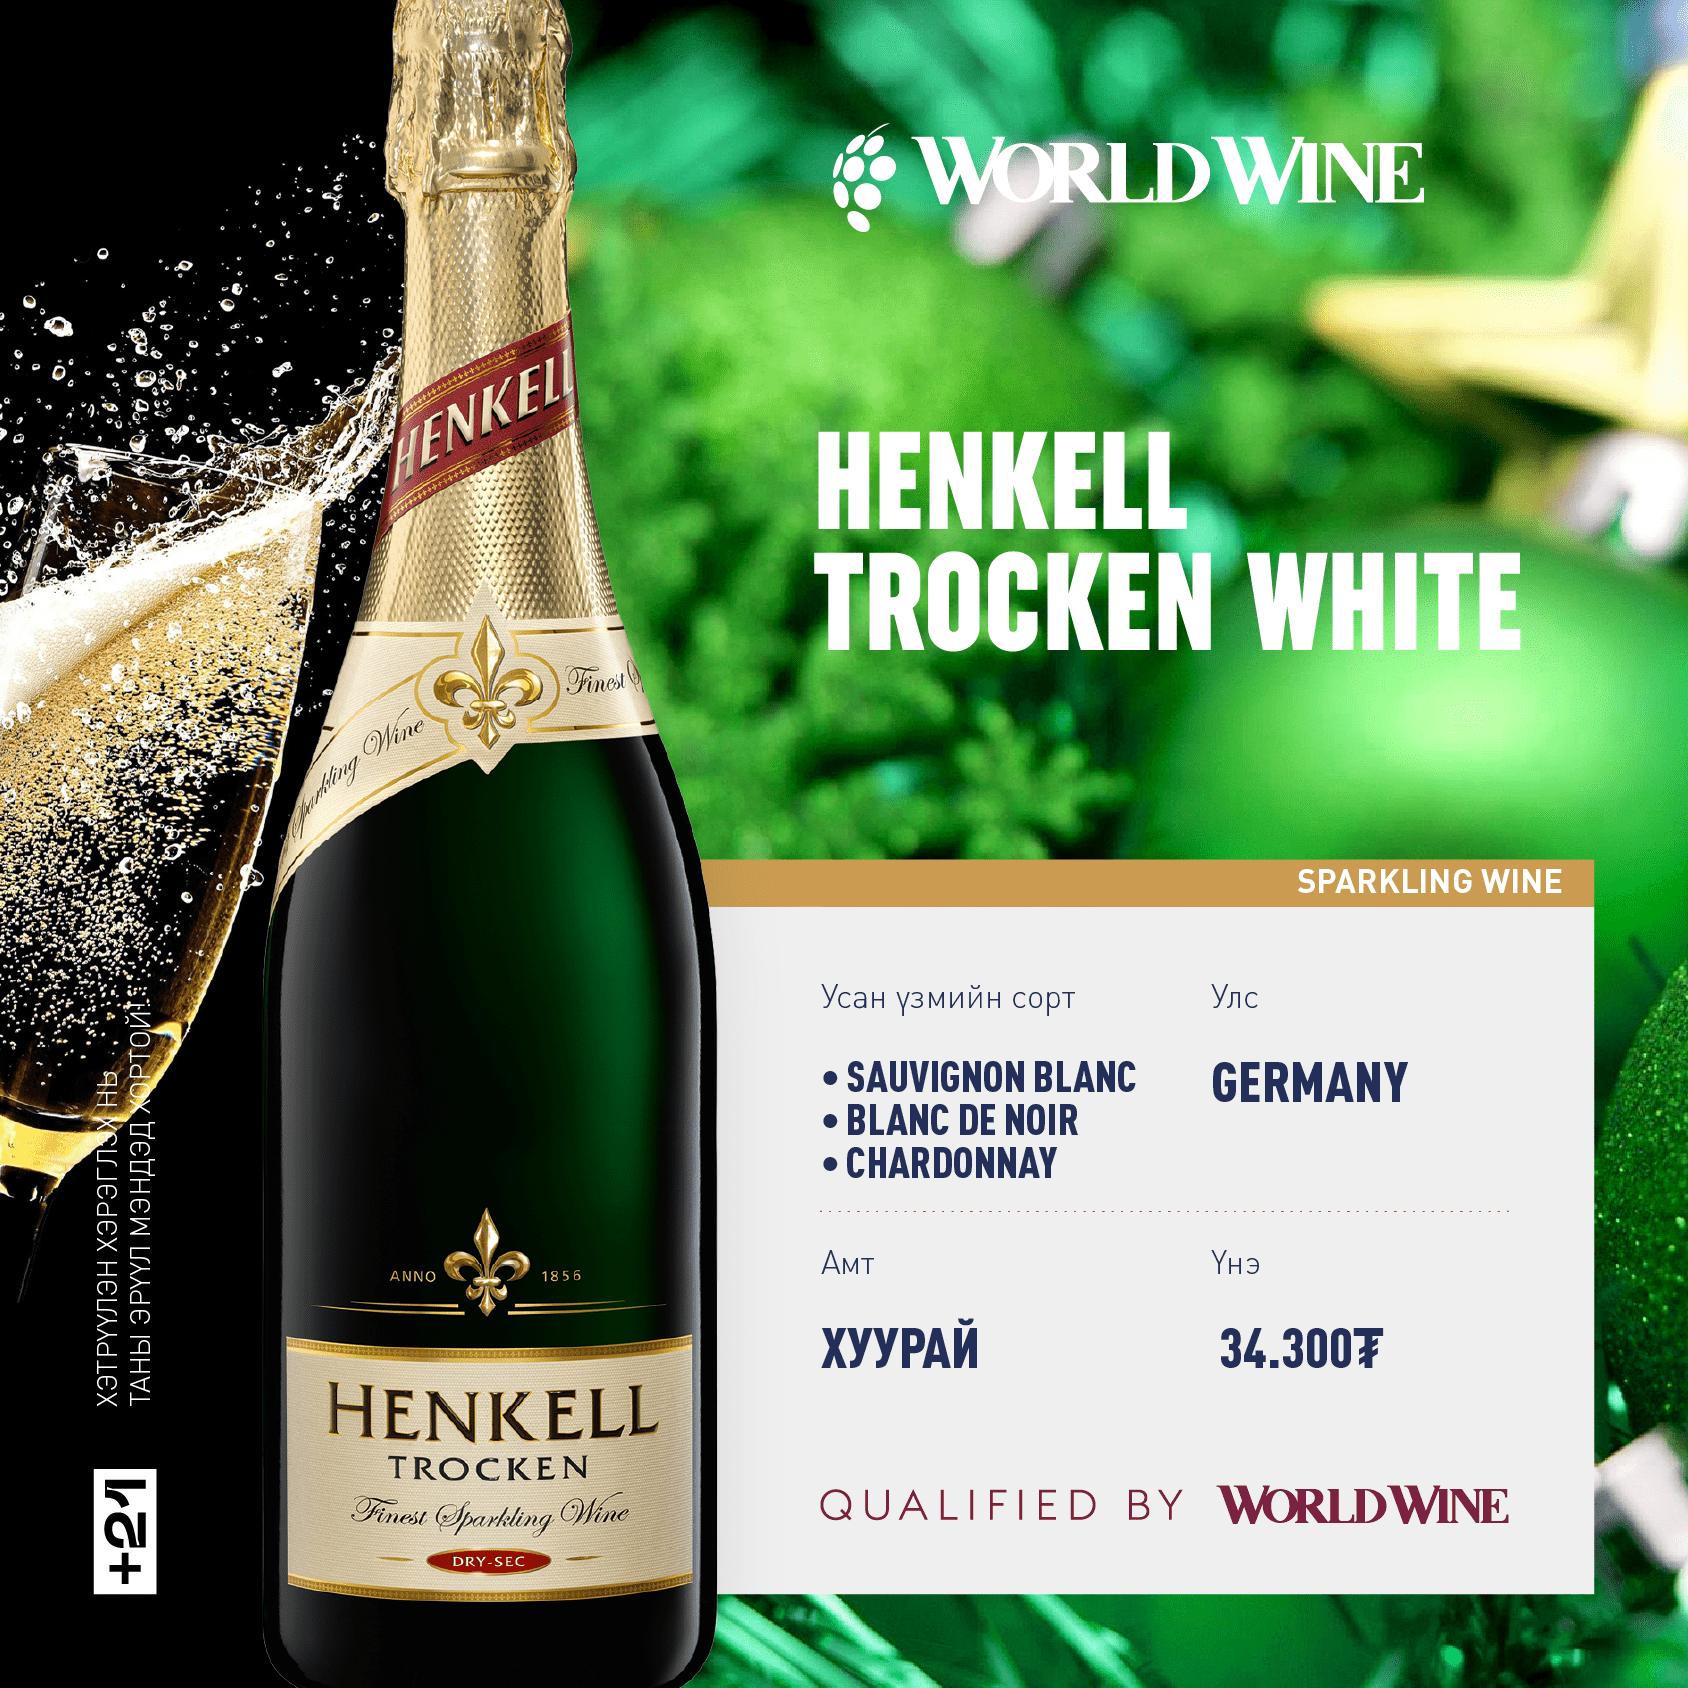 henkell trocken white